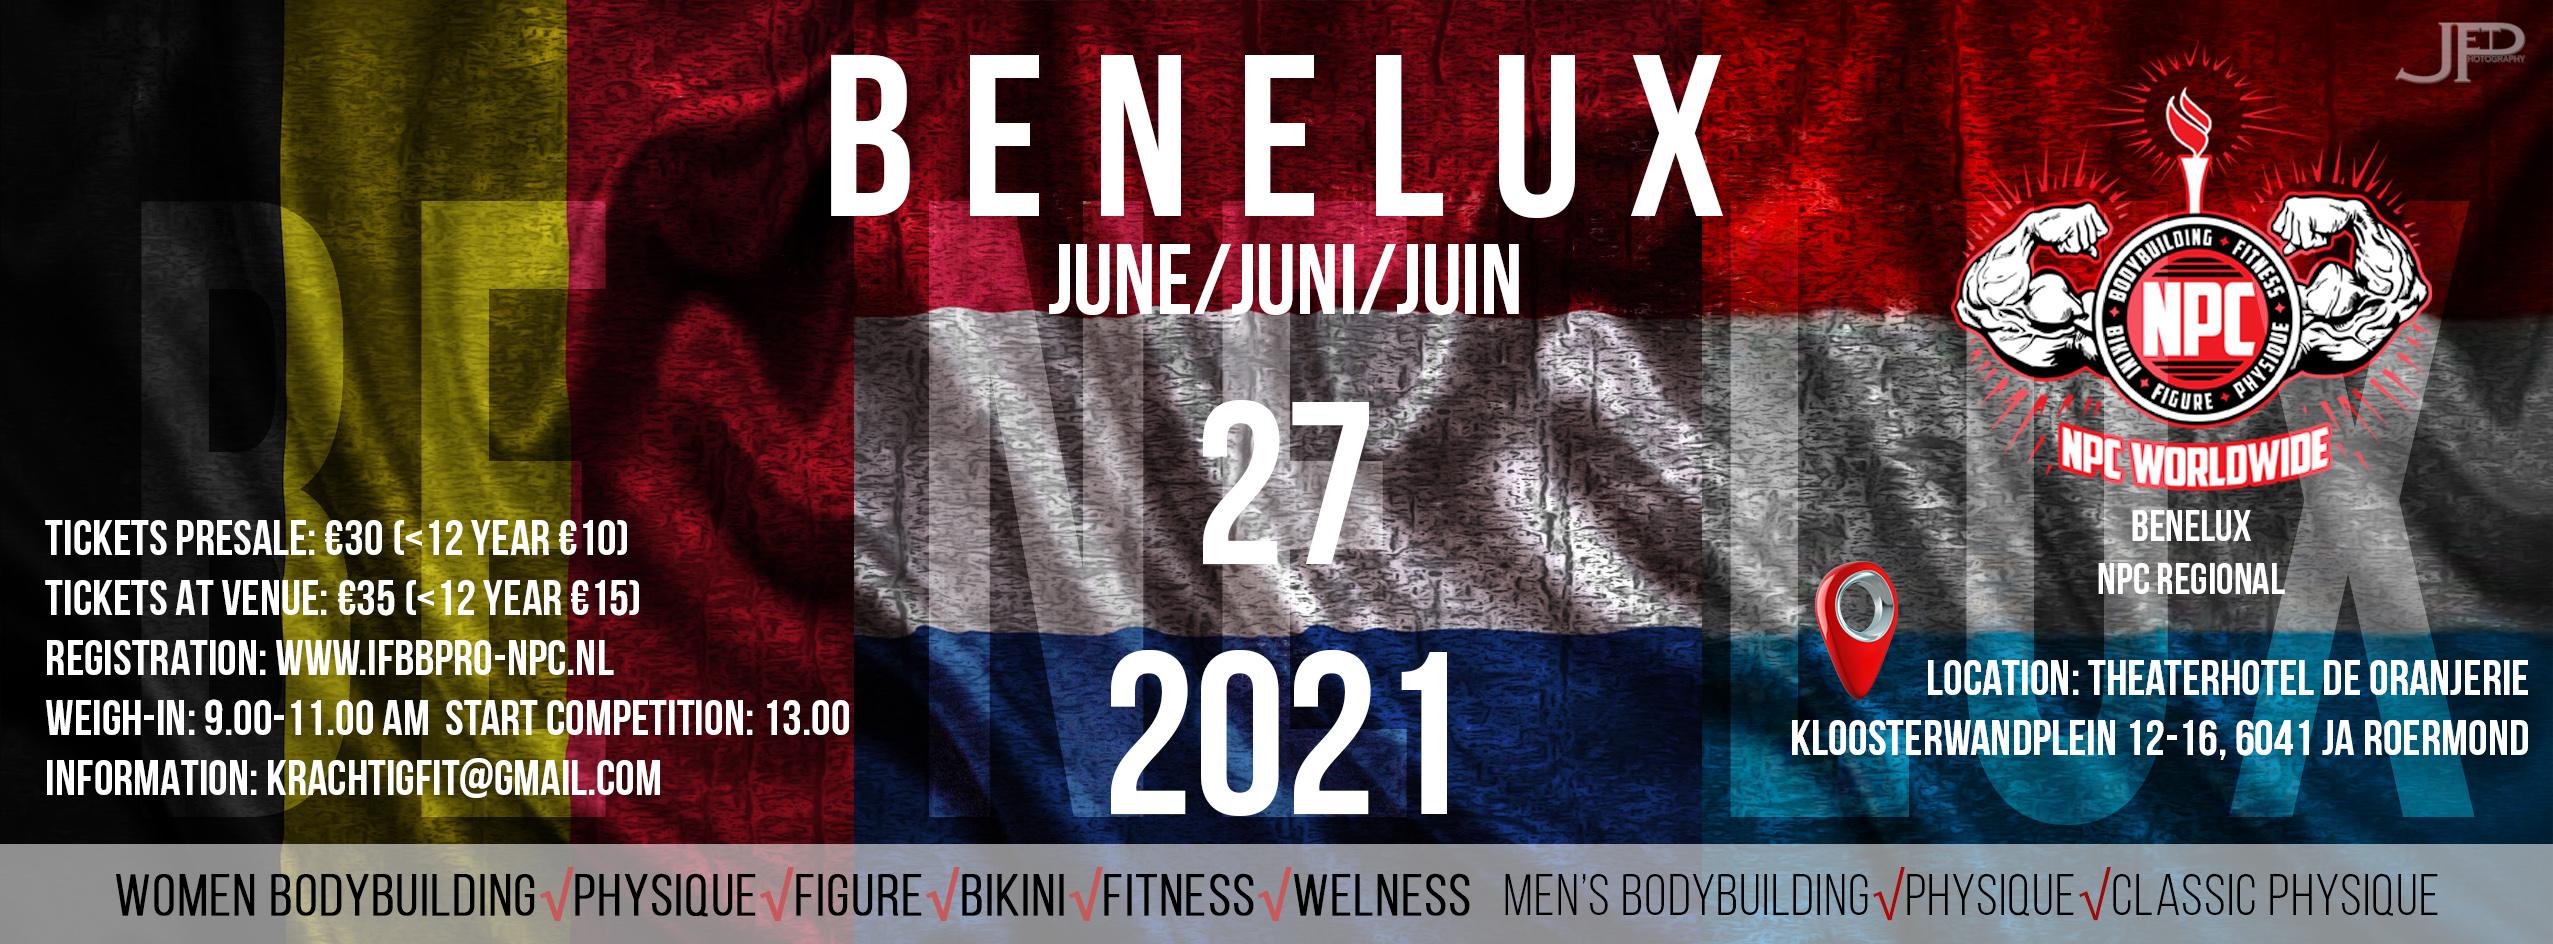 benelux-2021